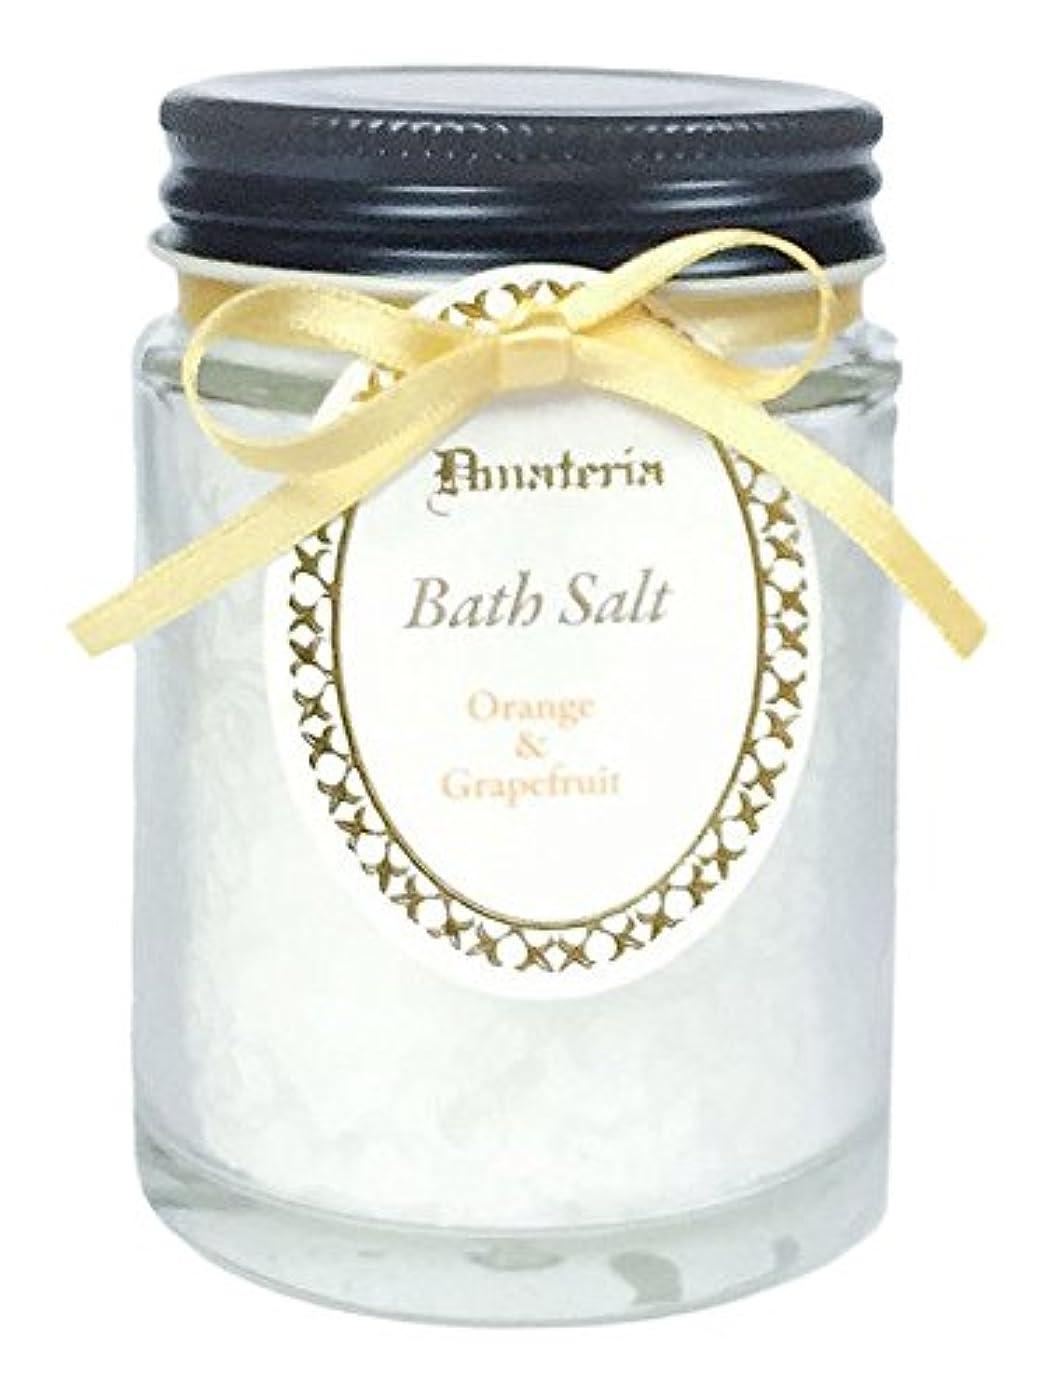 団結する混合教育者D materia バスソルト オレンジ&グレープフルーツ Orange&Grapefruit Bath Salt ディーマテリア